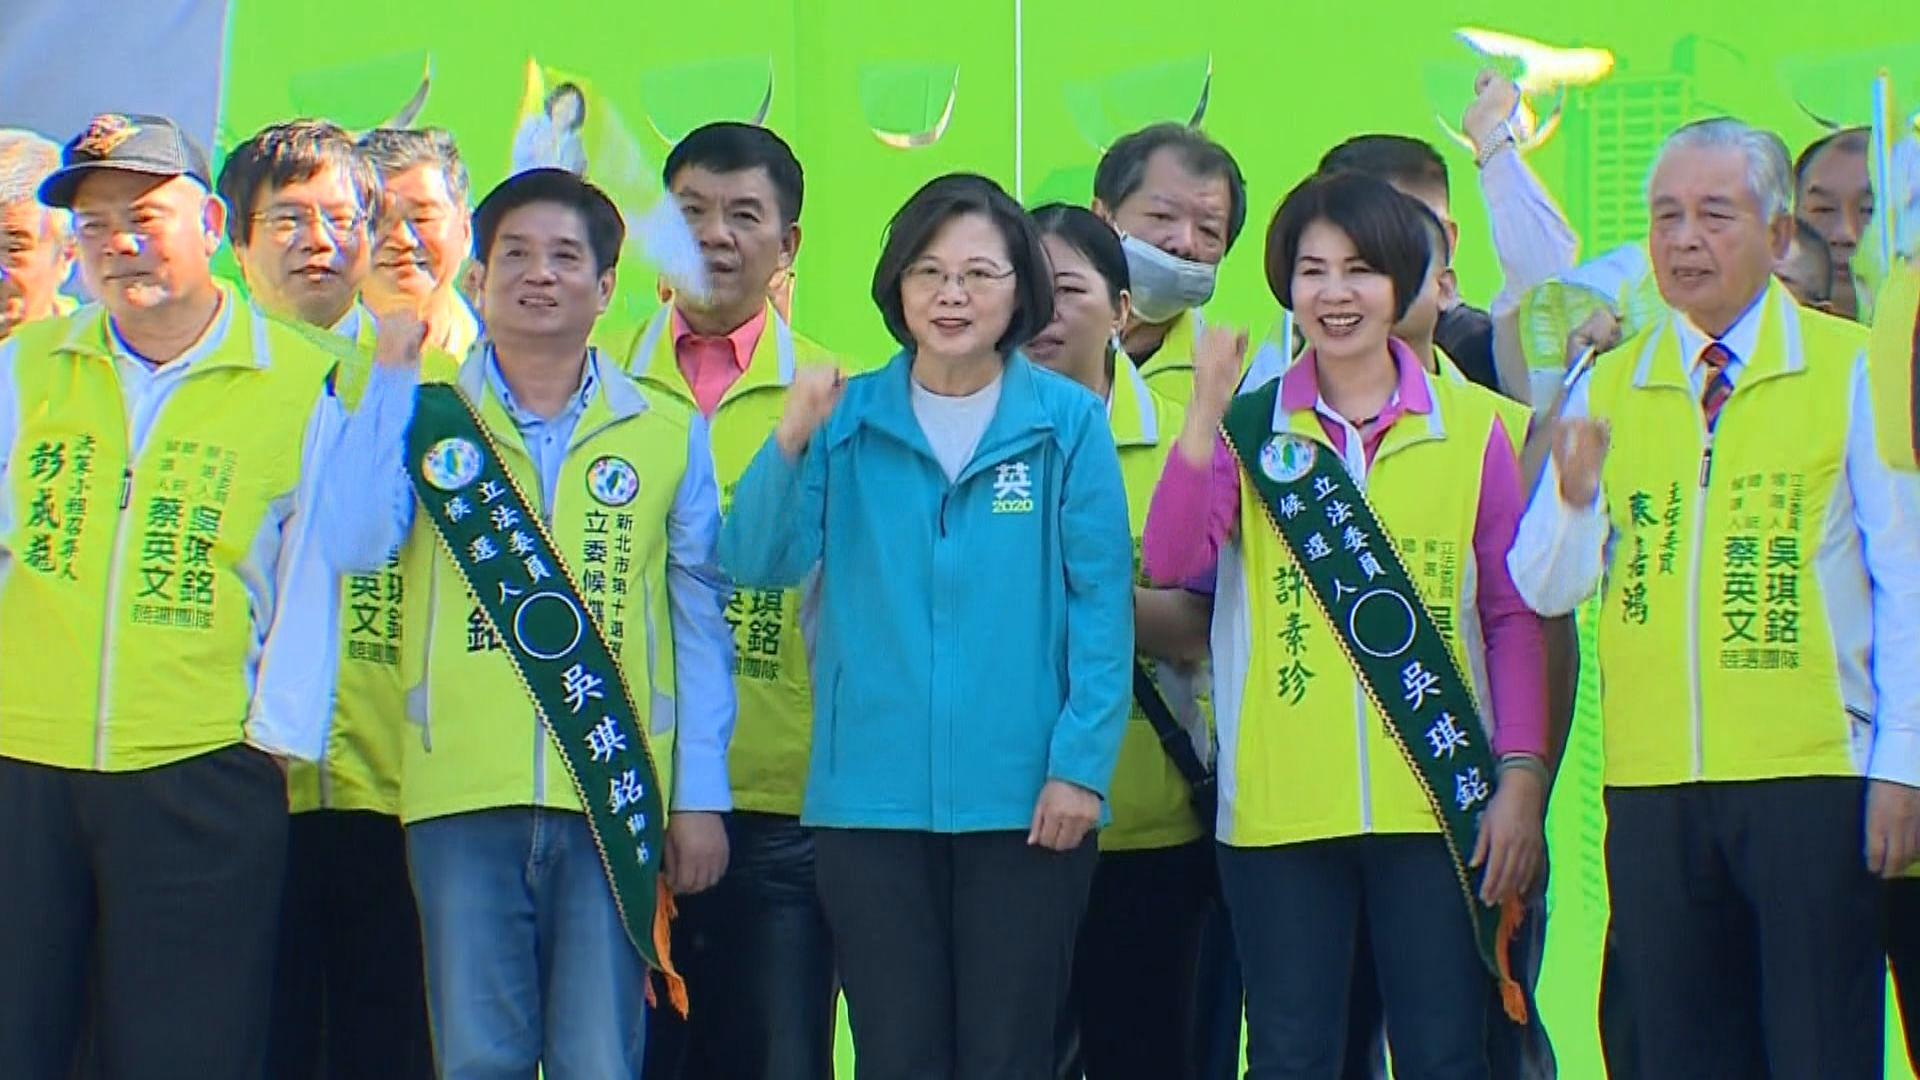 民進黨將以「蔡賴配」出選正副總統